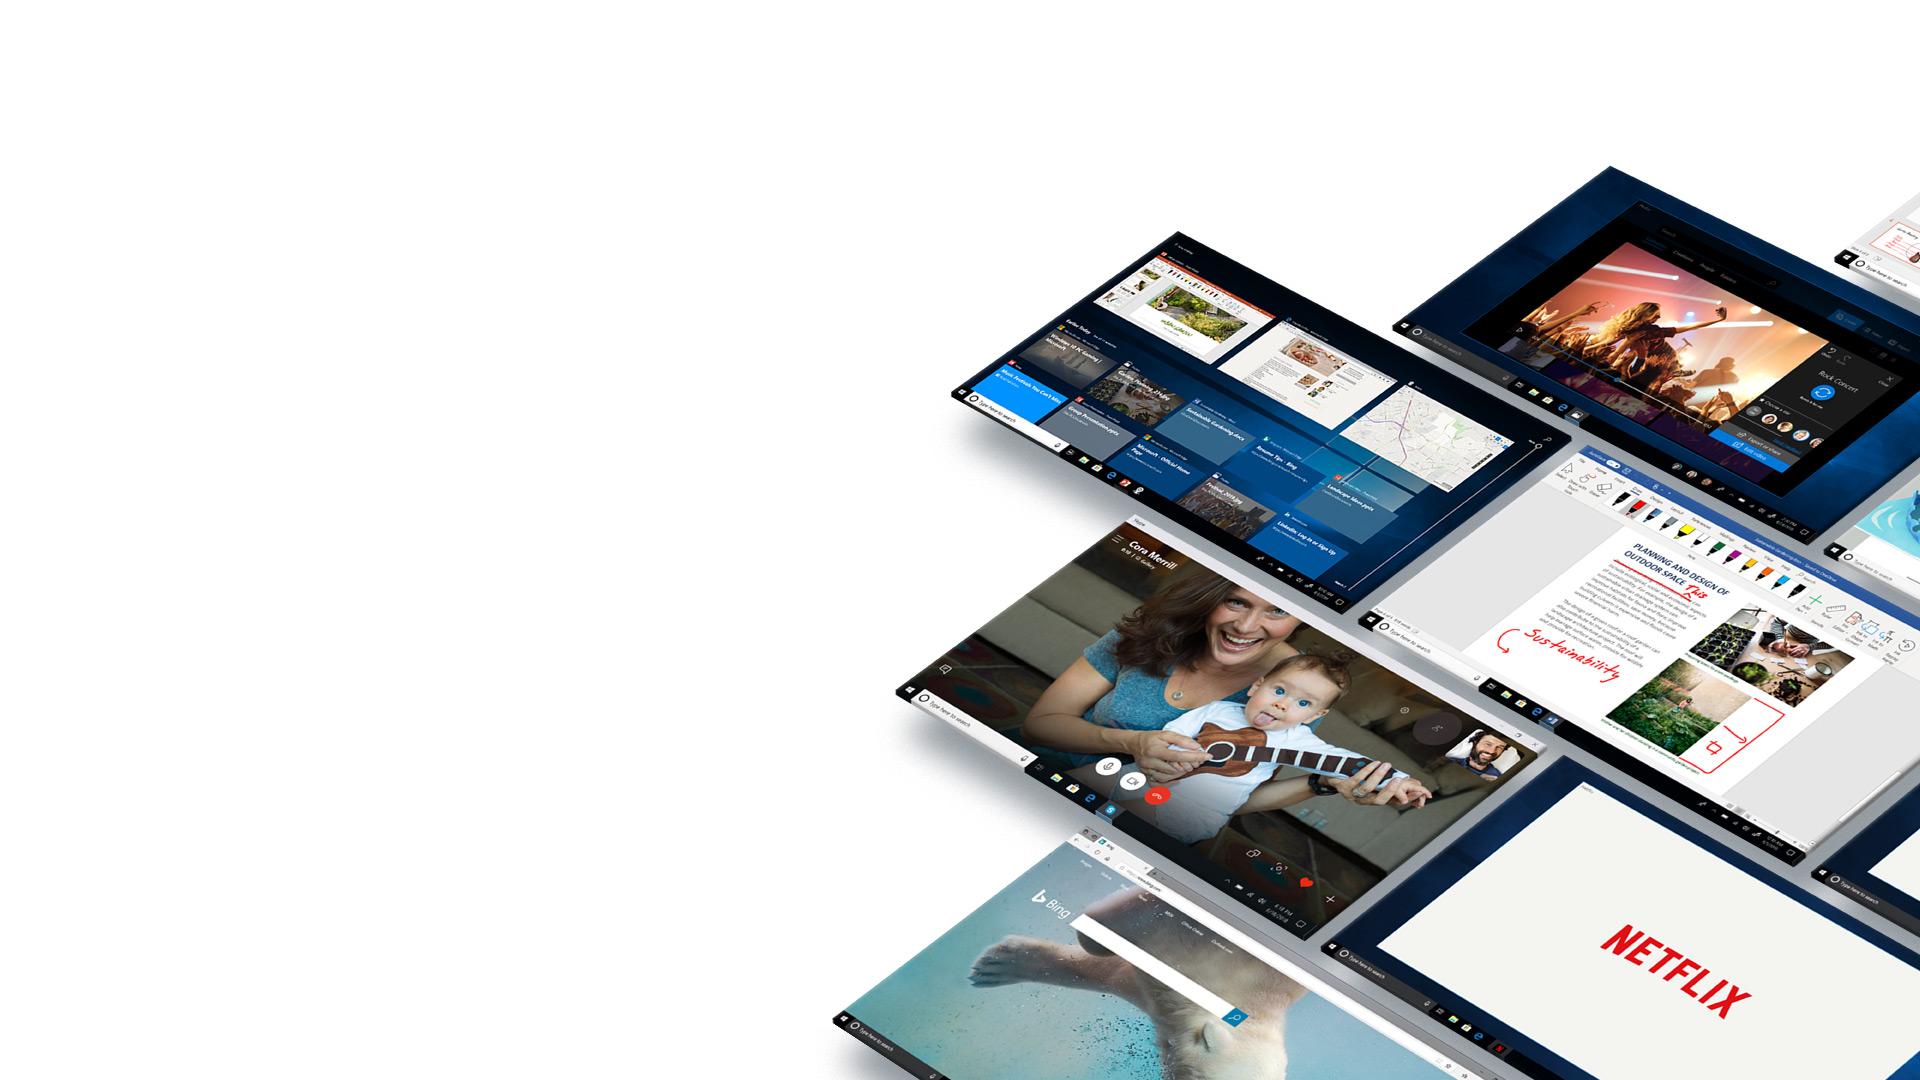 モザイク状に配置され、さまざまなアプリケーションやプログラムが開いている Windows 10 の画面